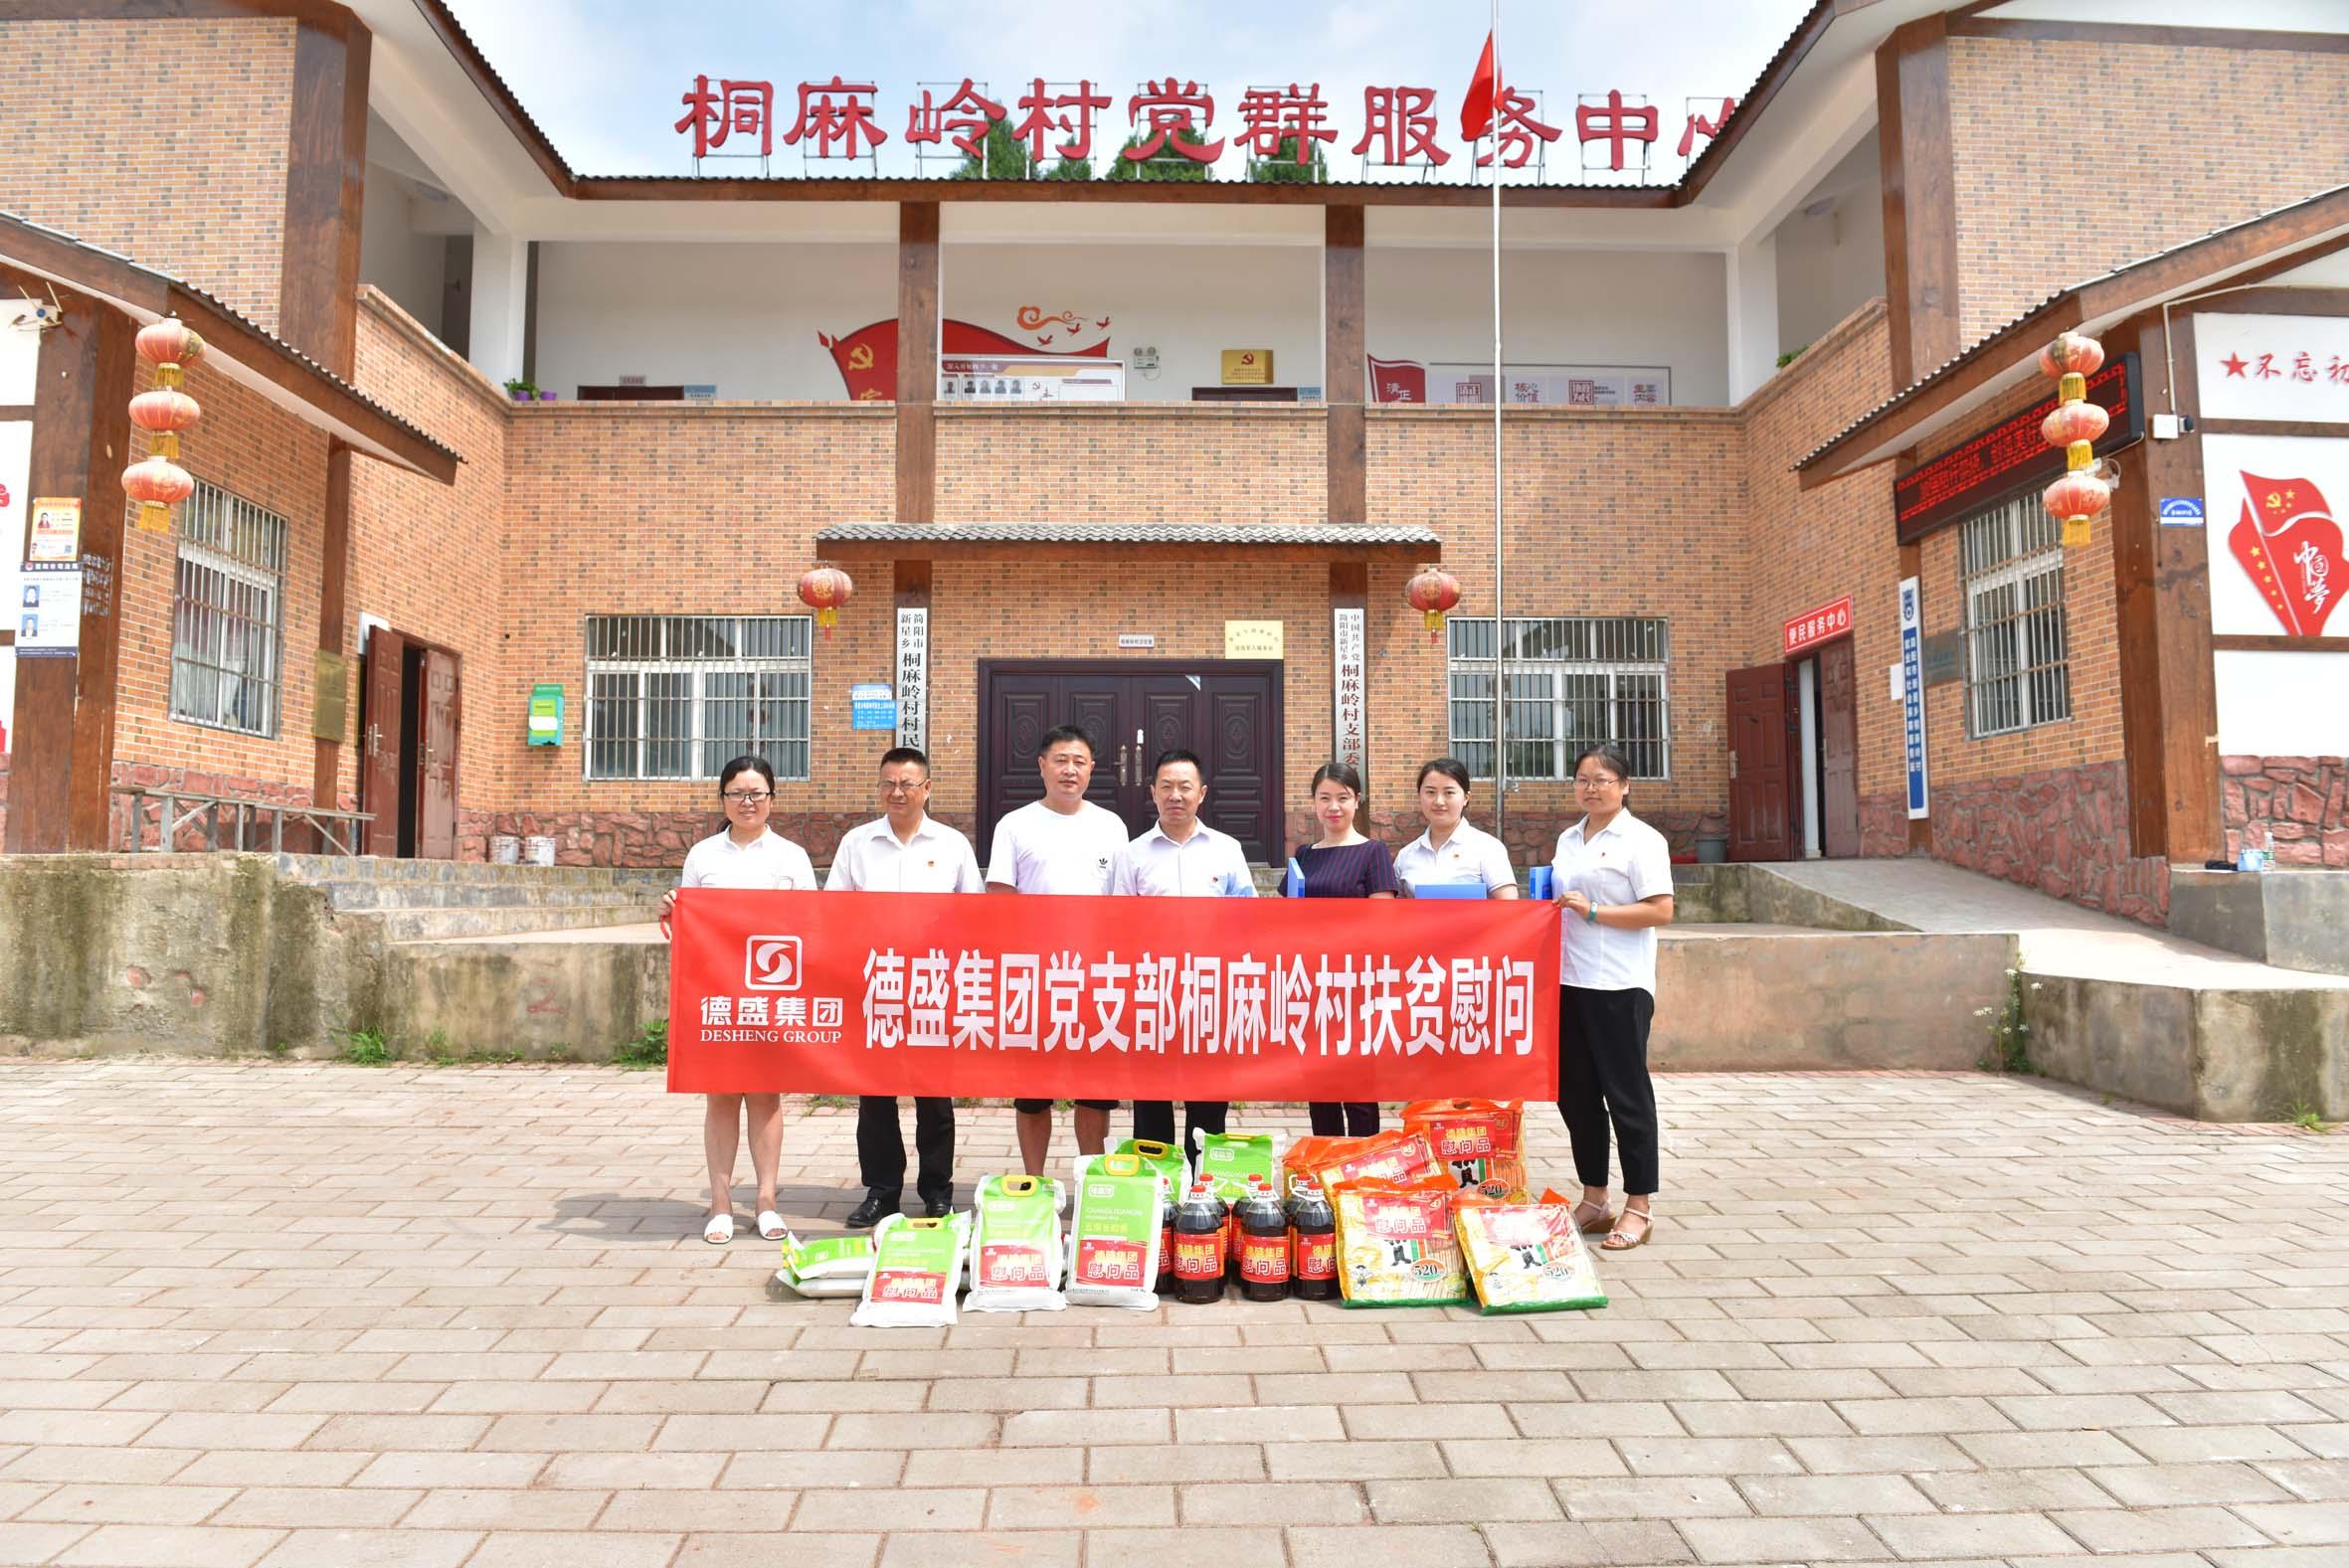 德盛集團黨支部開展幫扶村貧困戶慰問走訪送溫暖活動